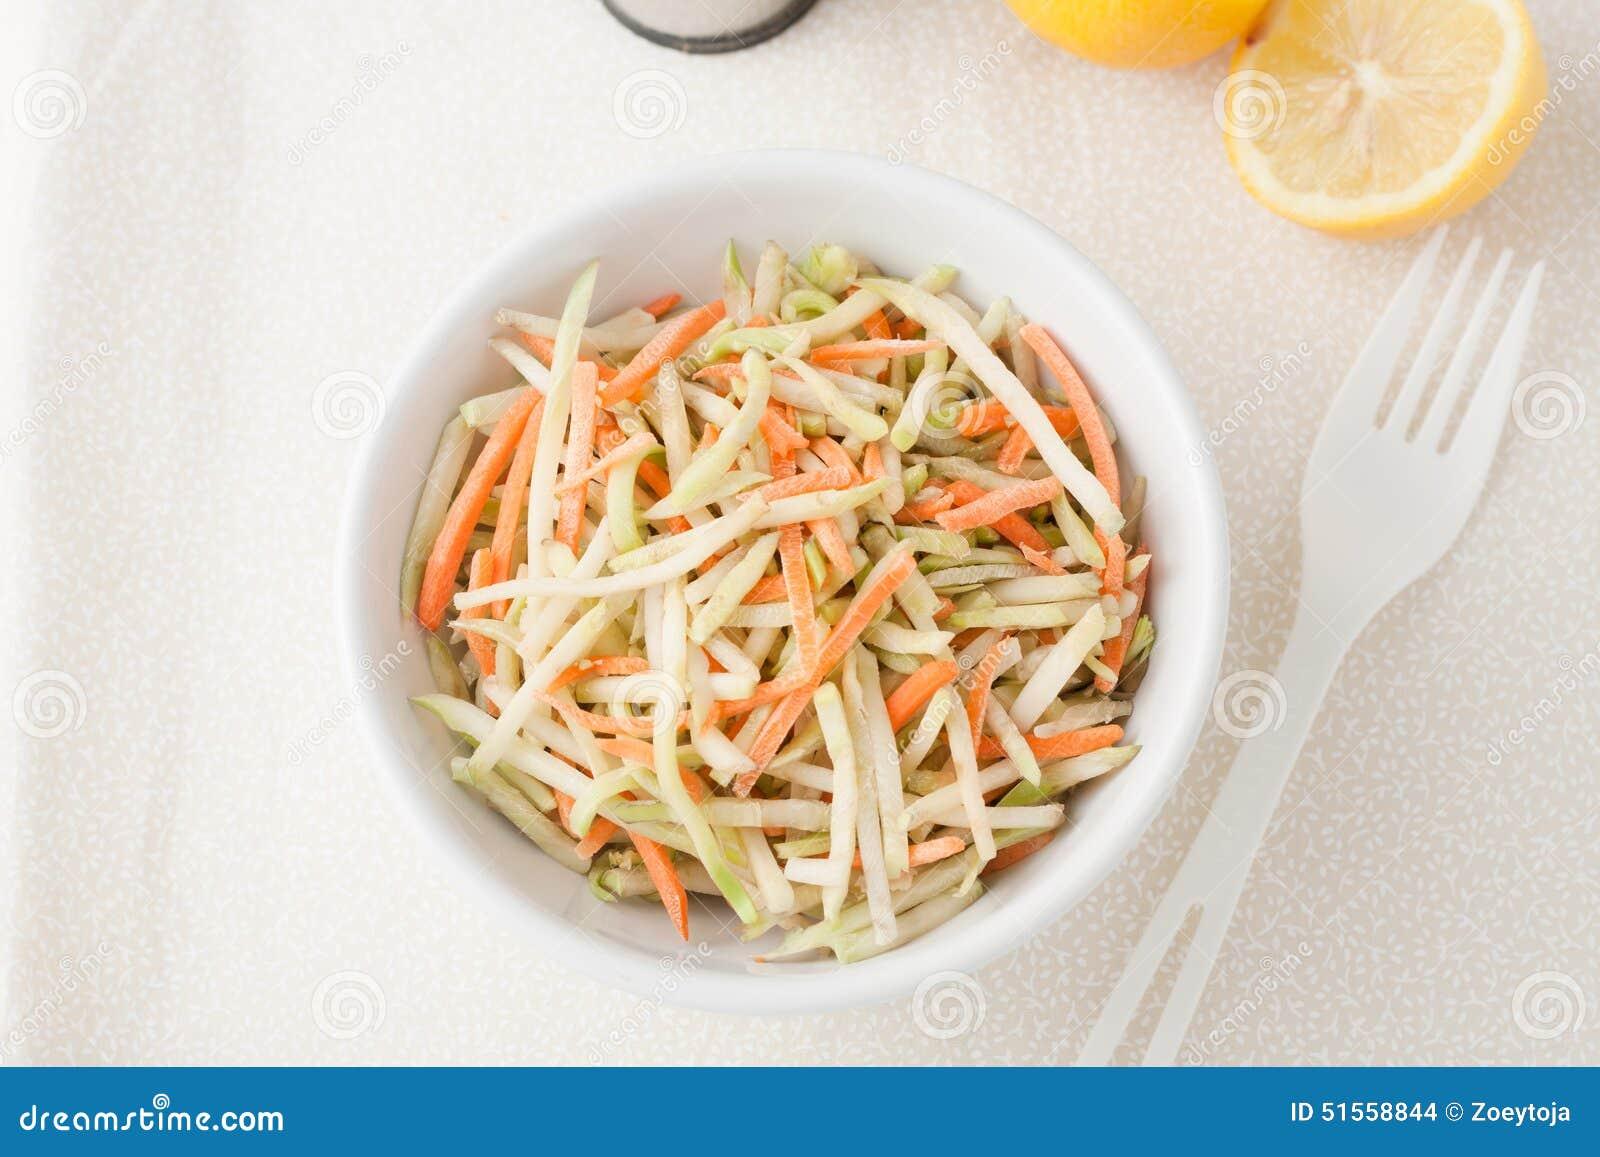 有机硬花甘蓝slaw和切细的红萝卜